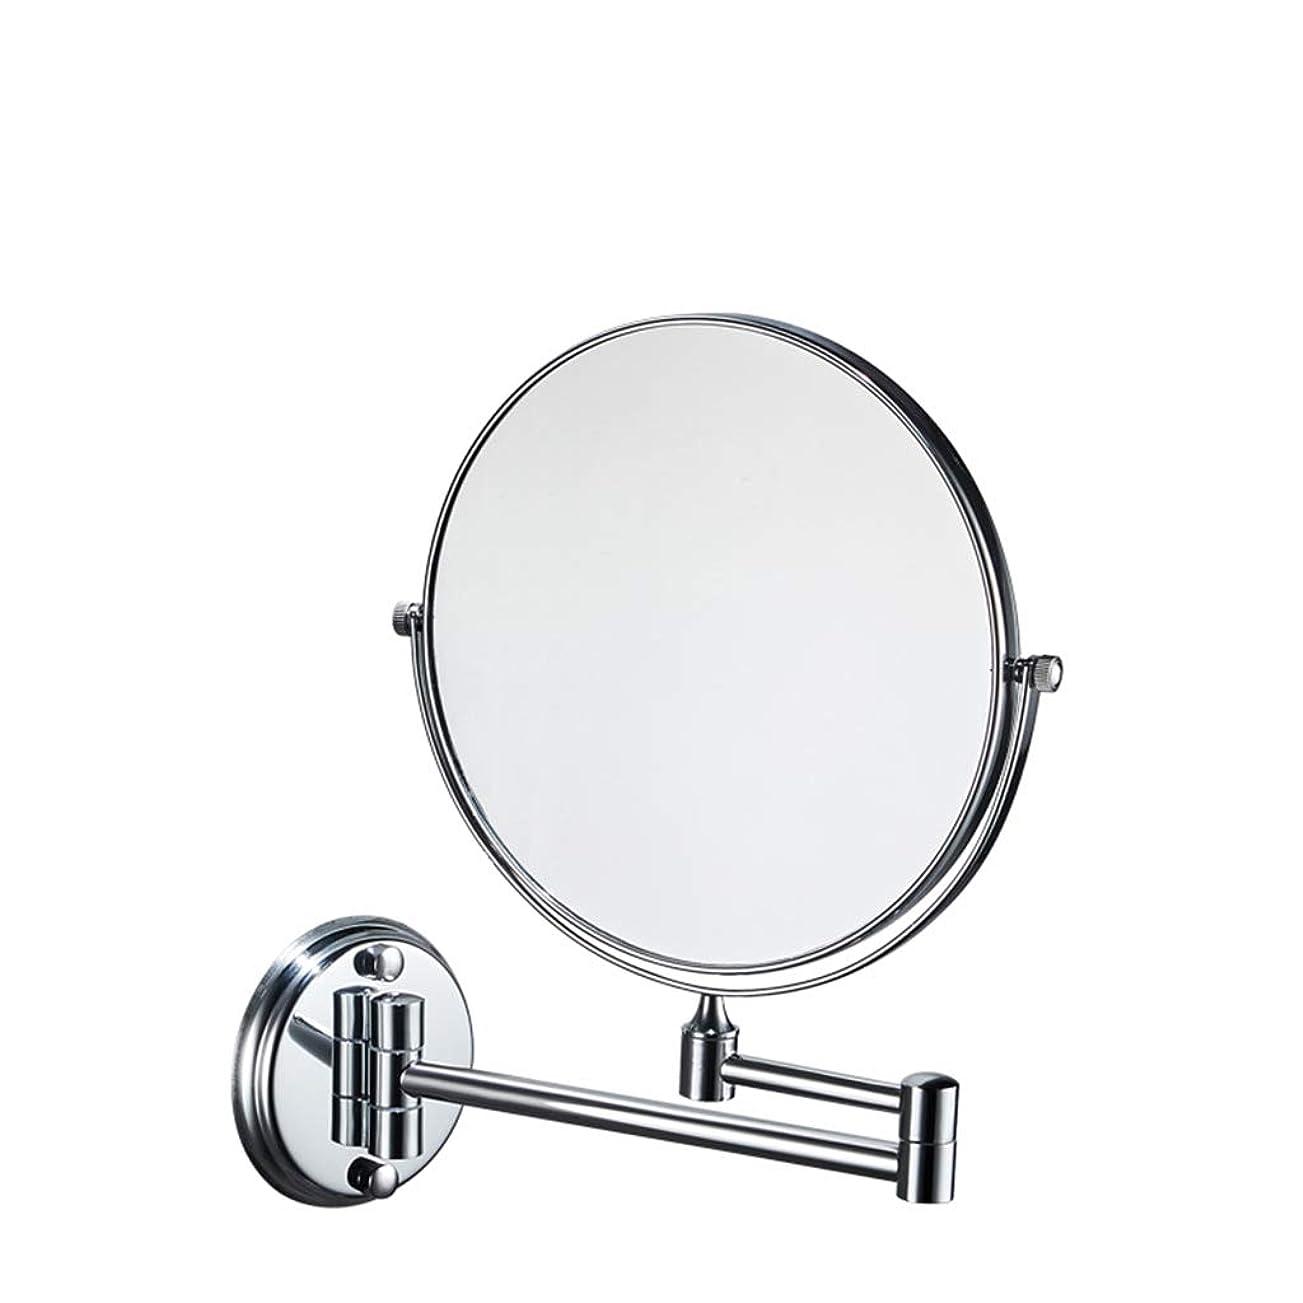 宗教ちょうつがい動揺させるHUYYA バスルームメイクアップミラー 壁付、シェービングミラー 3 倍拡大鏡 バニティミラー 両面 化粧鏡 丸め 寝室や浴室に適しています,Silver_8inch